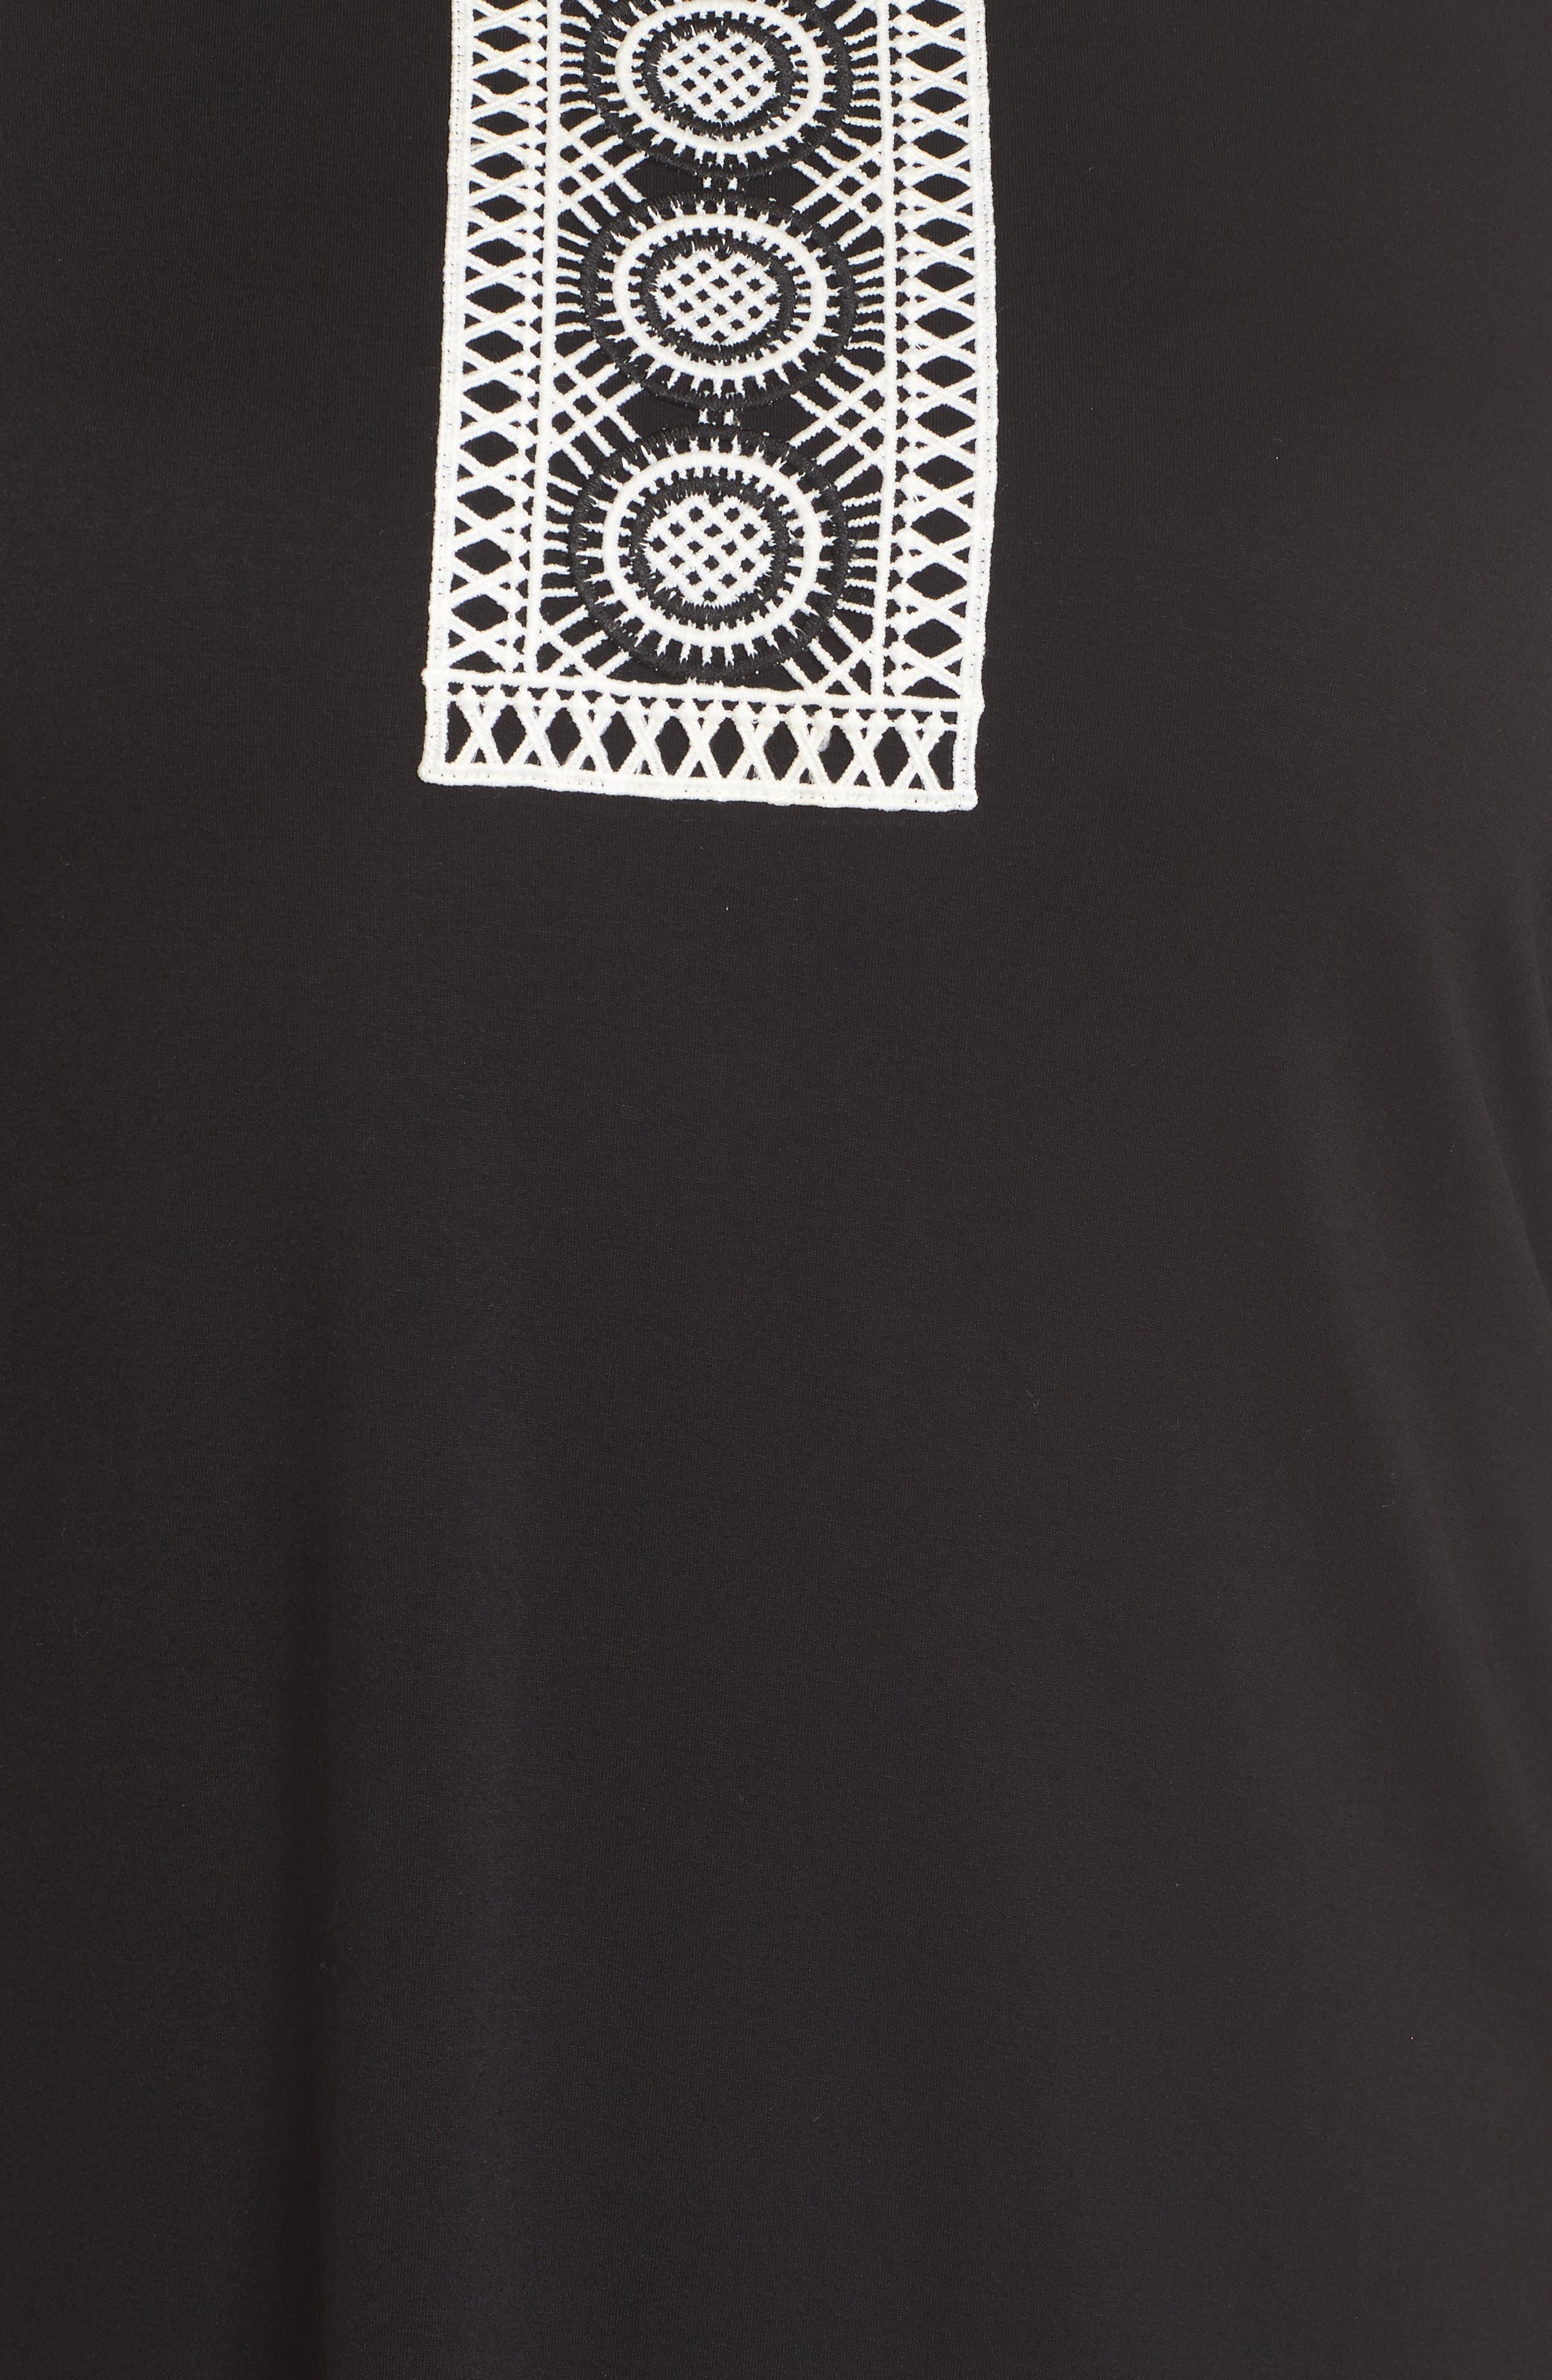 Crochet Bib Appliqué Top,                             Alternate thumbnail 6, color,                             RICH BLACK